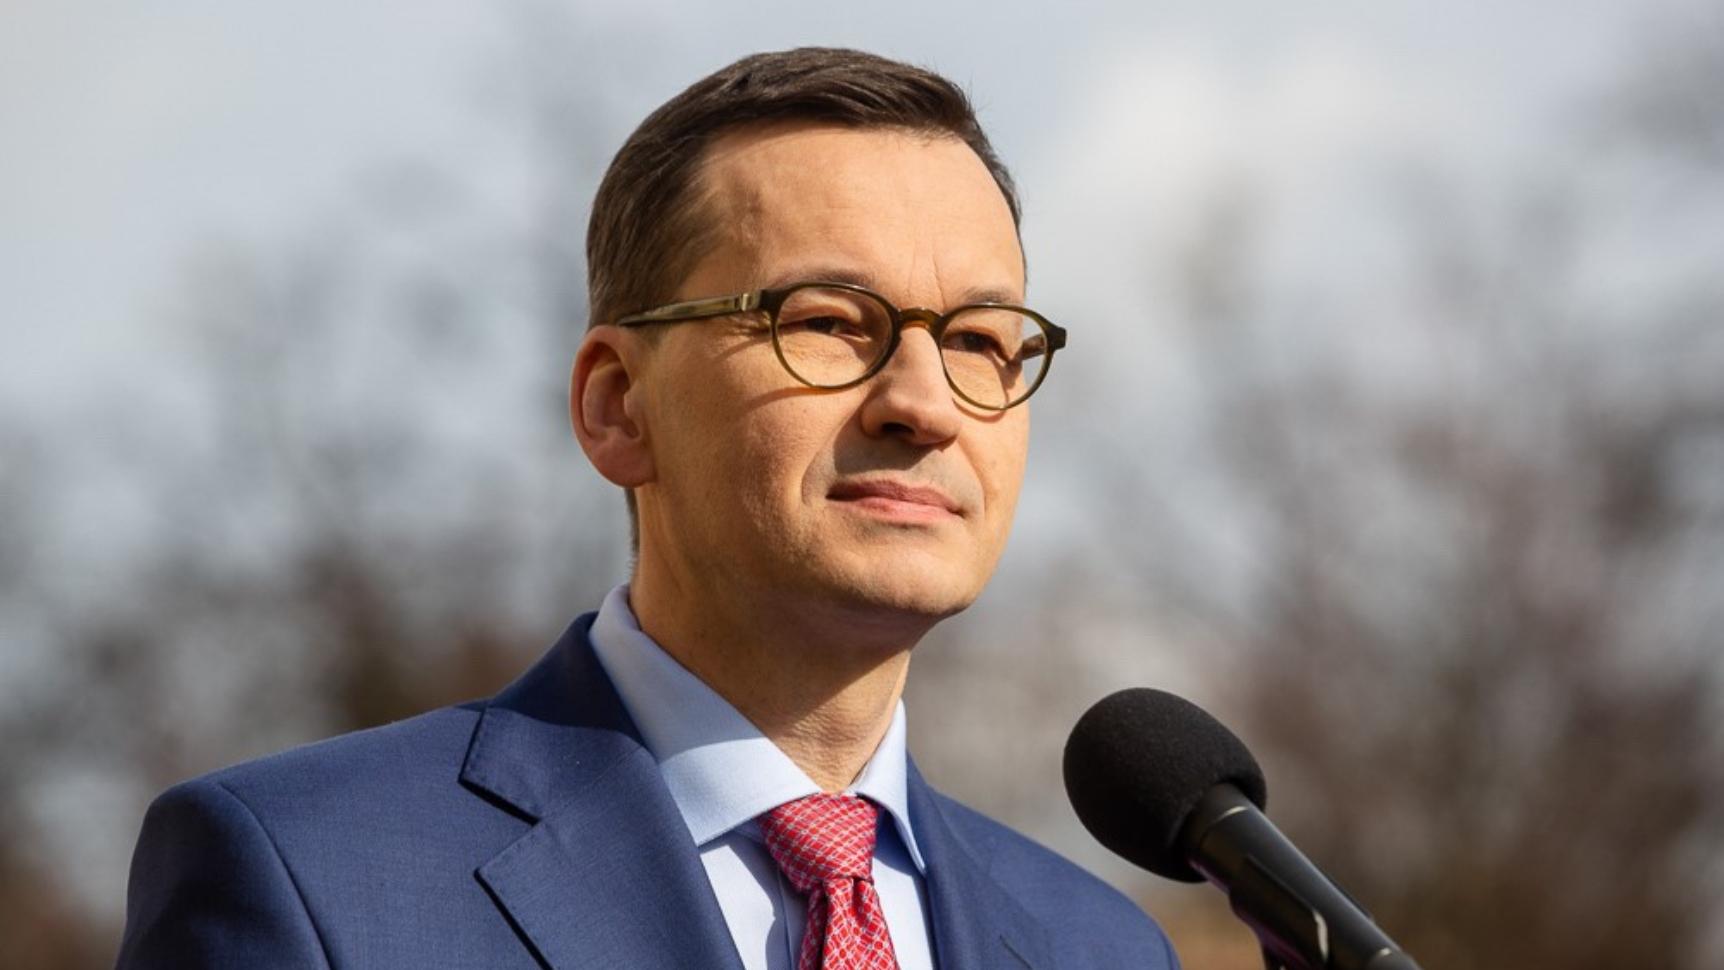 [PILNE] Morawiecki przedstawił nowy podatek. Kogo dotyczy?